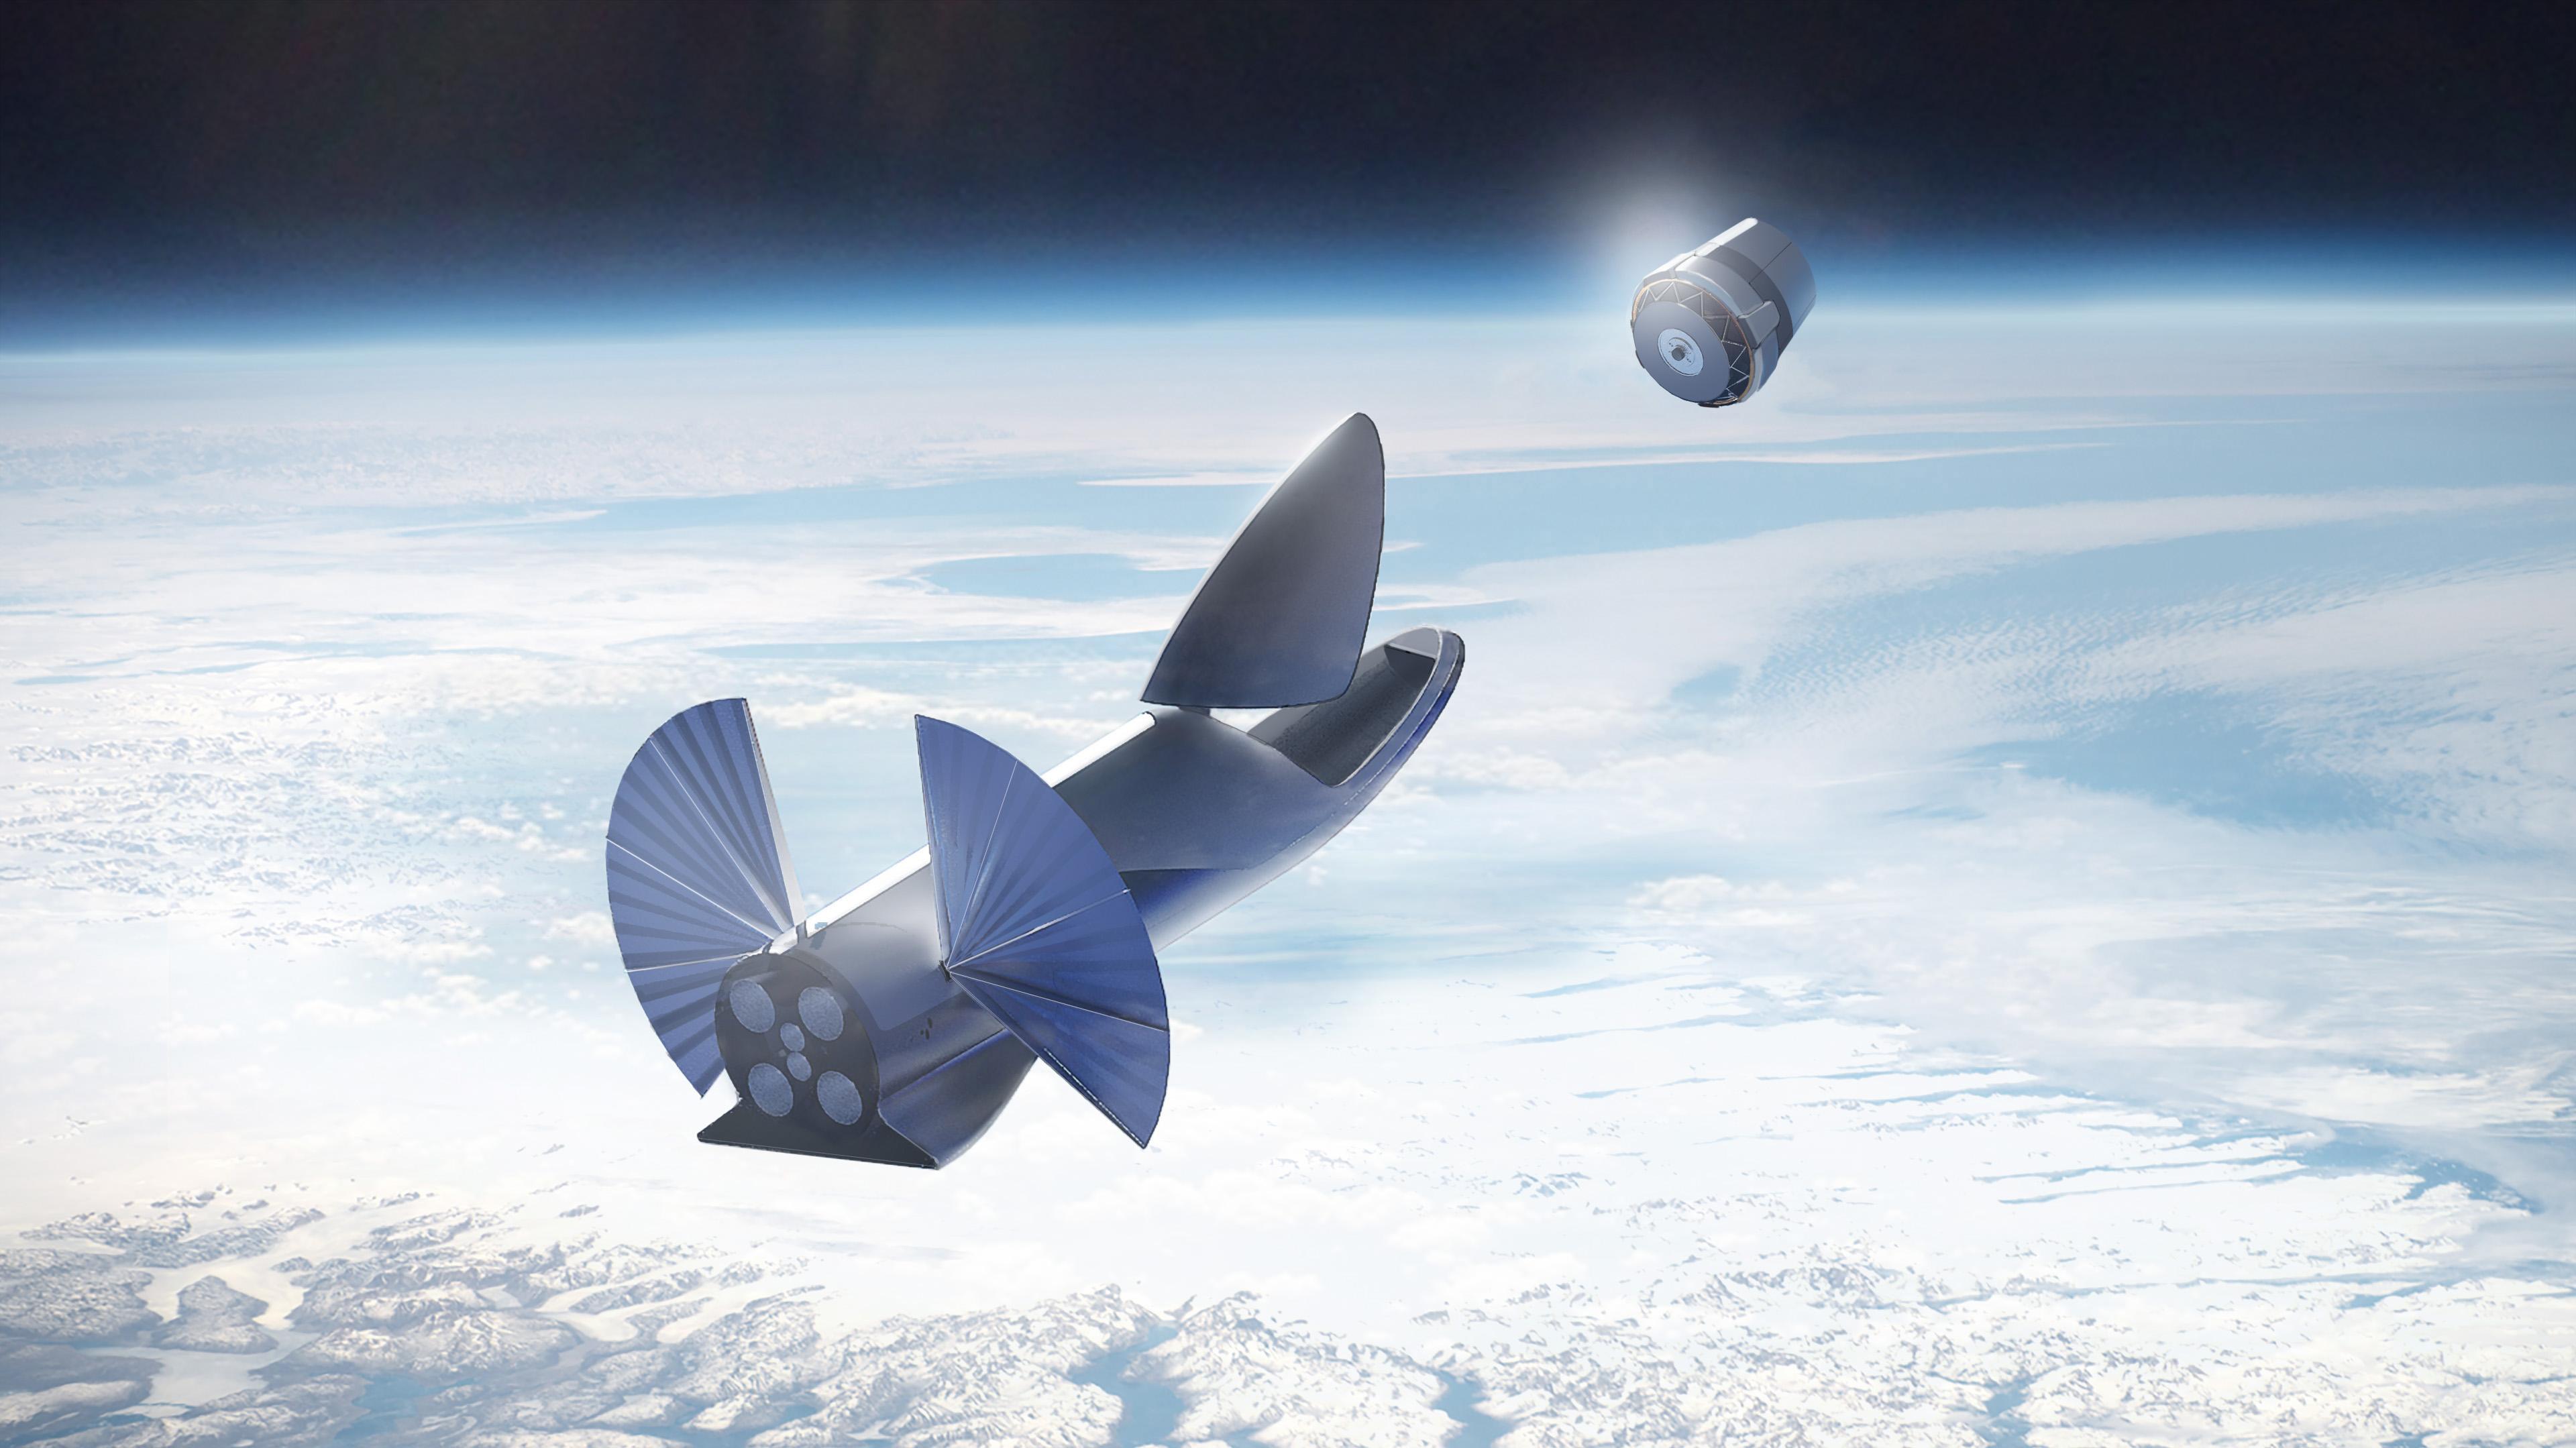 Открытый космос. 12 000 спутников Илона Маска дадут всем землянам доступ в интернет, и отключить его будет невозможно